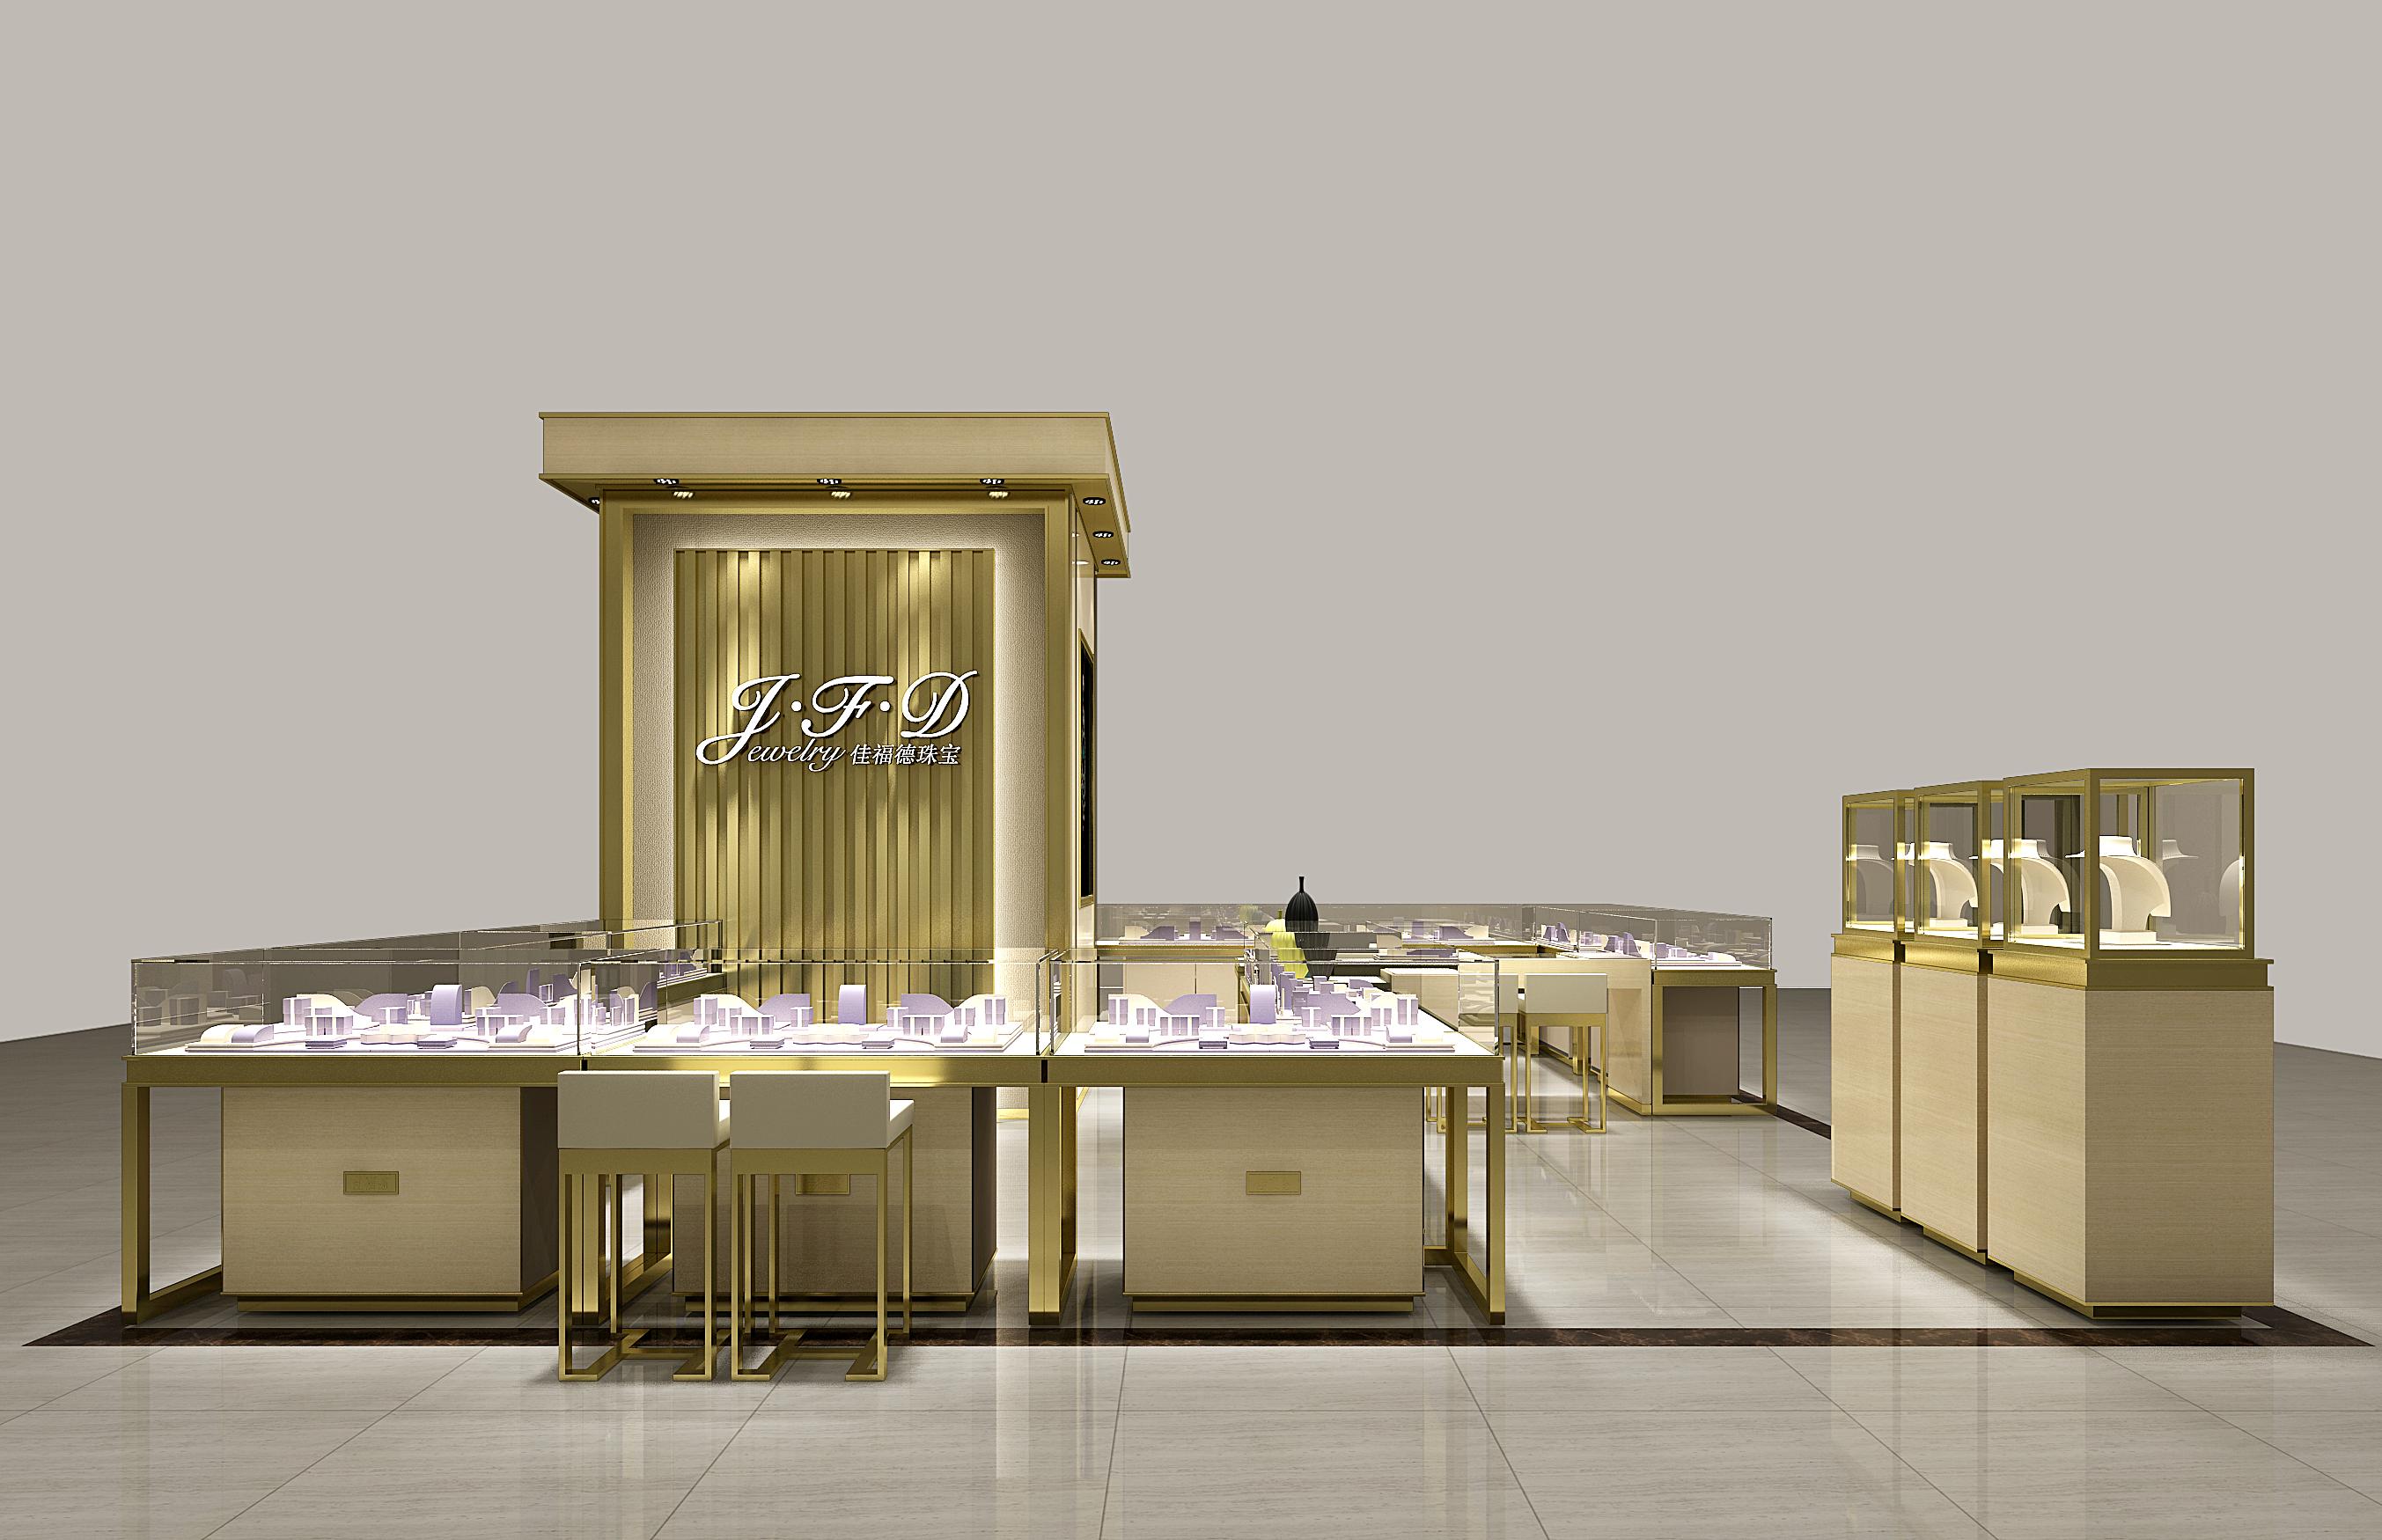 50㎡珠宝店 空间 室内设计 mr丶雷 - 原创作品 - 站酷图片